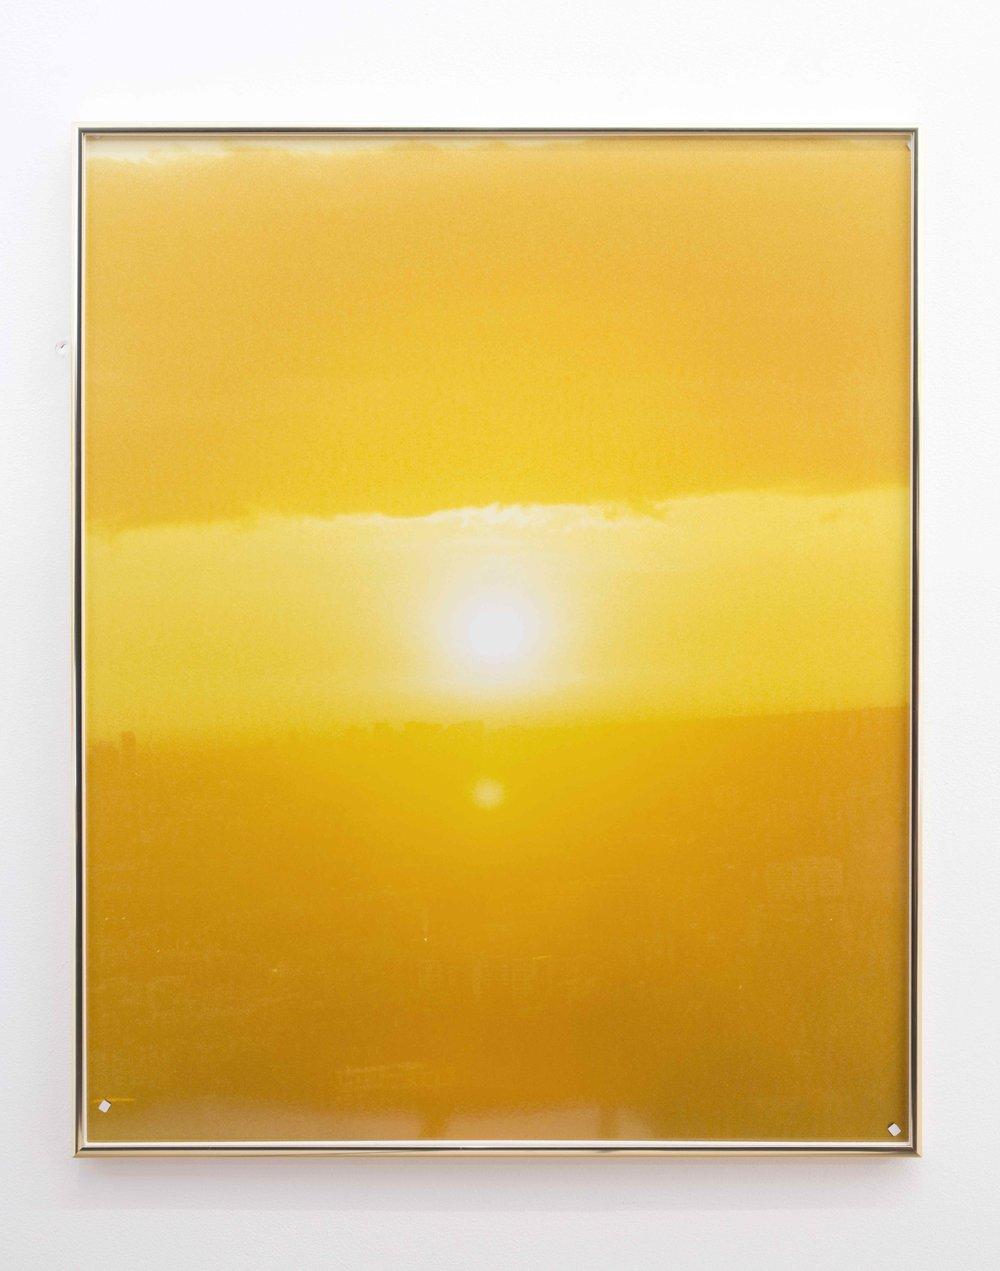 Sébastien Reuzé, SOLEIL DSC_4414 (2017),  2017, RC print - Papier Fuji Cristal Archive, 51 x 61 cm with frame